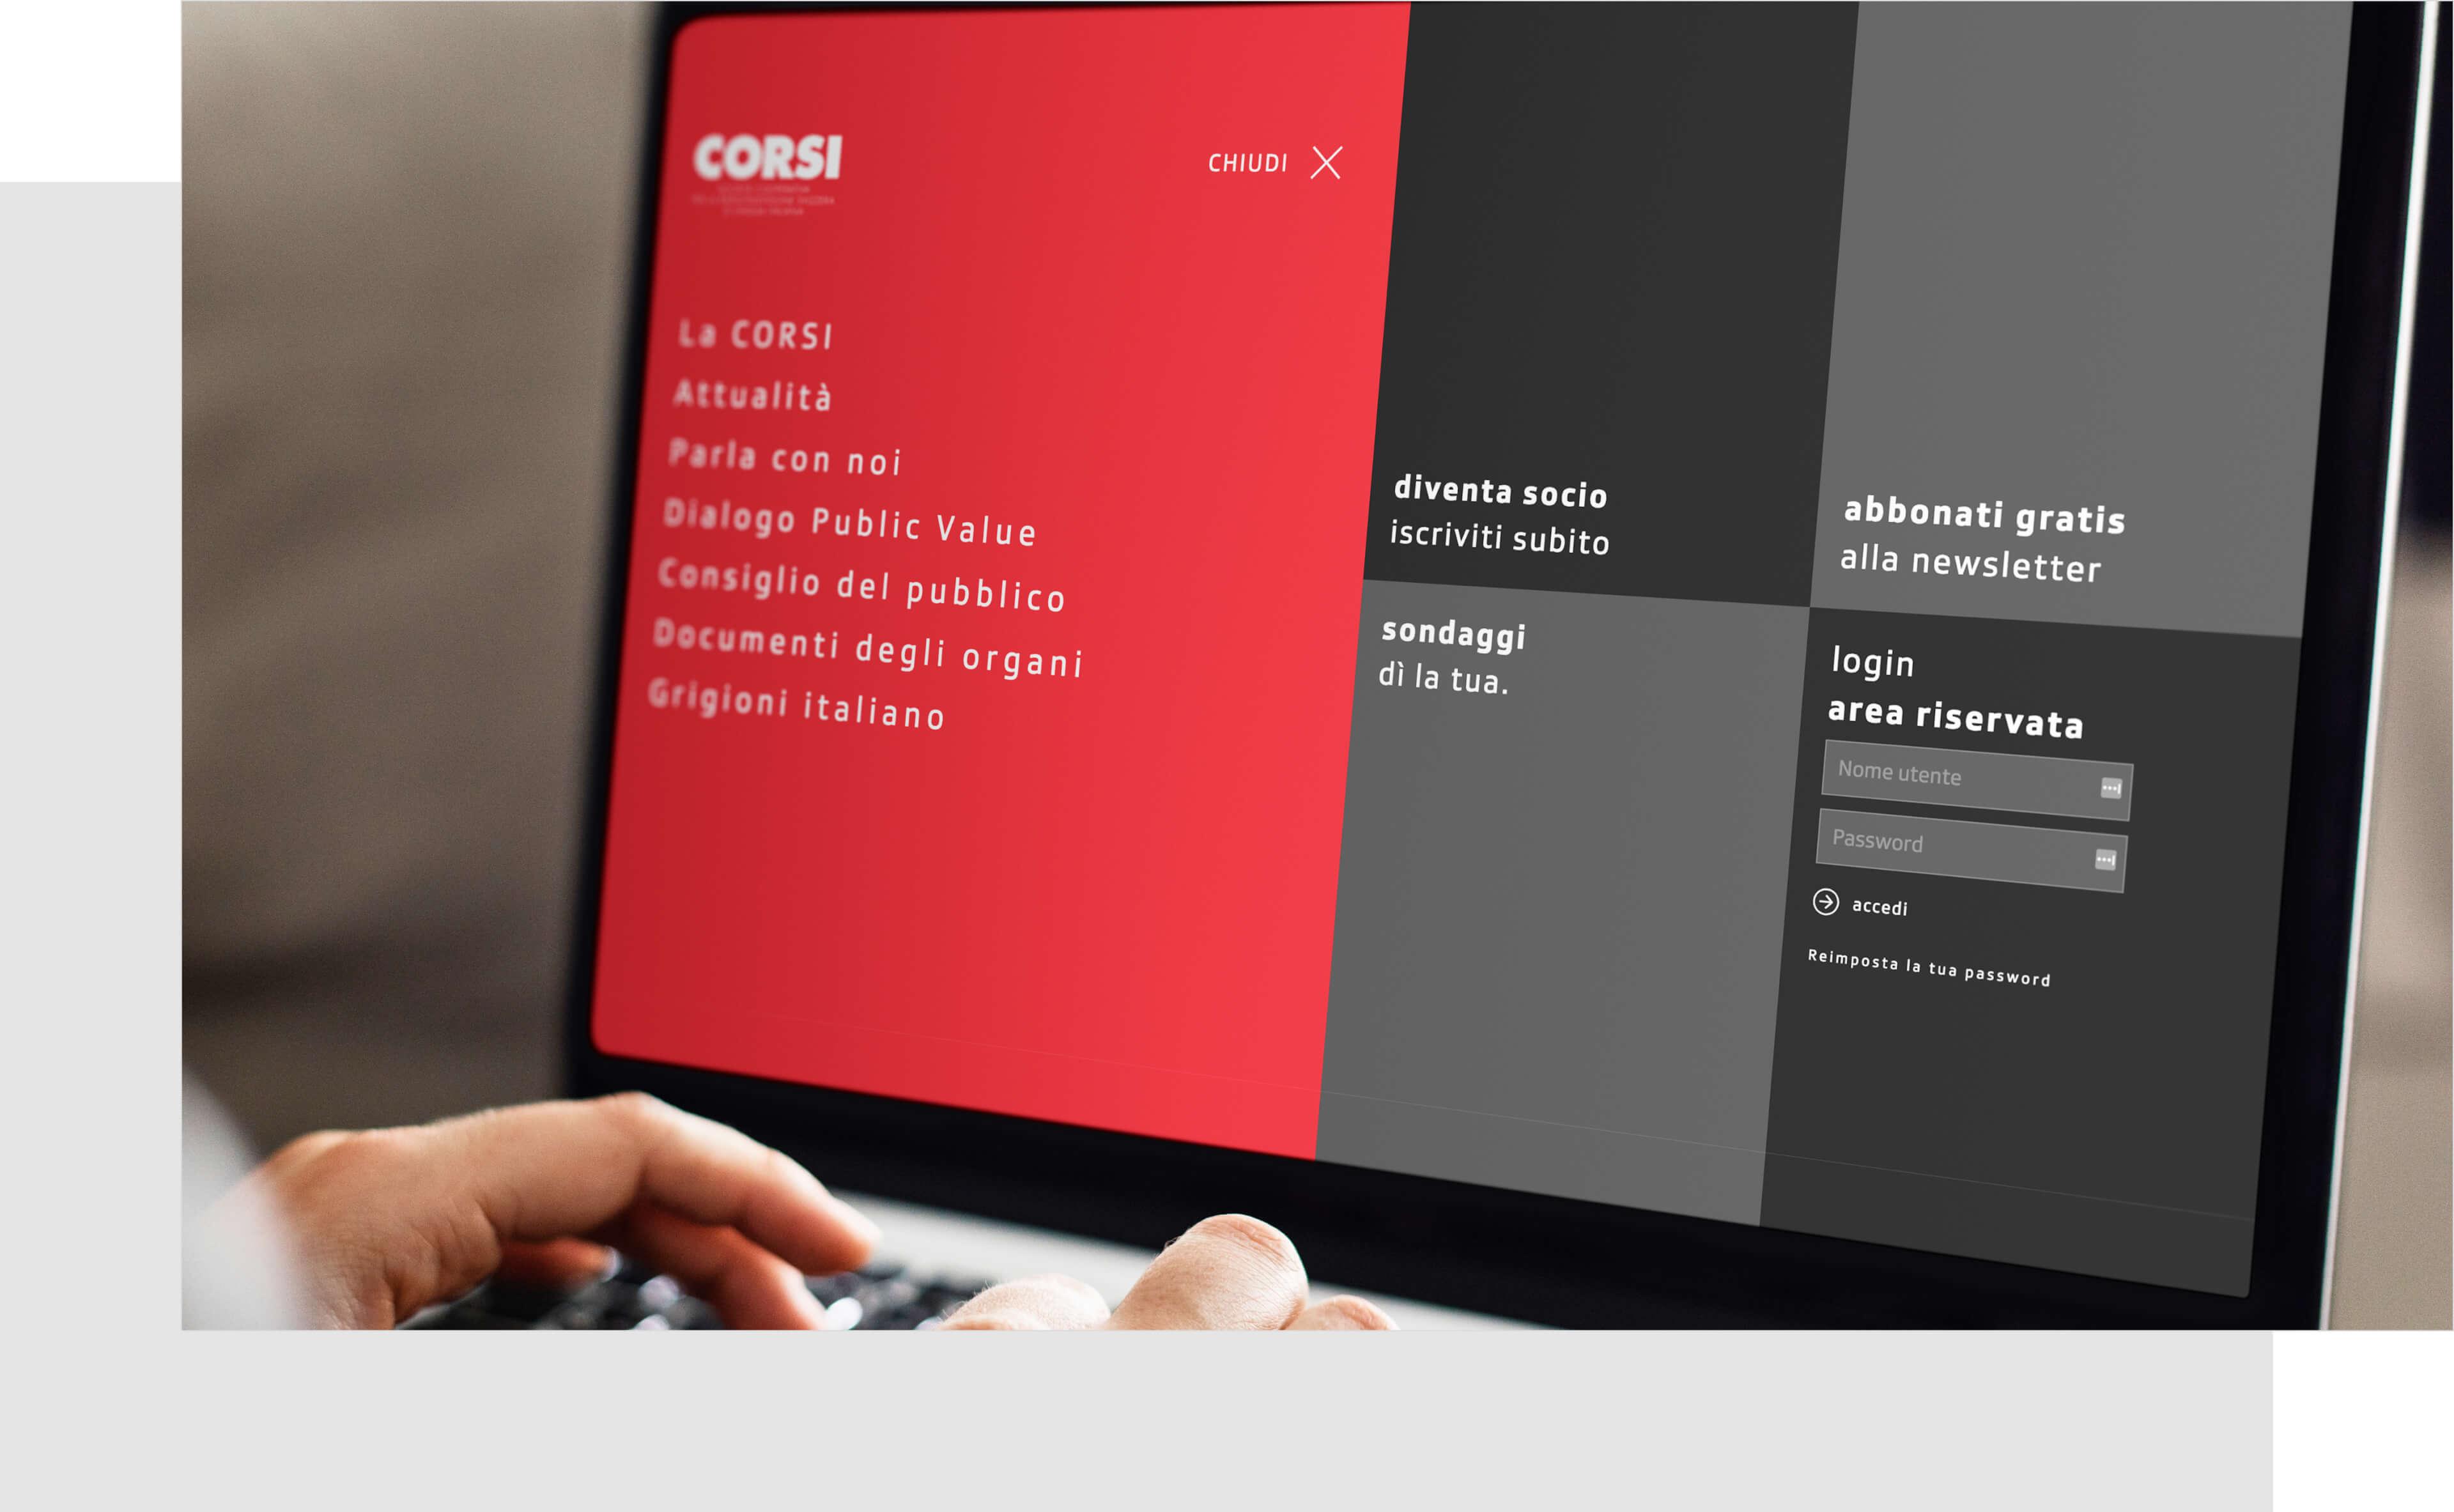 CORSI Case Study